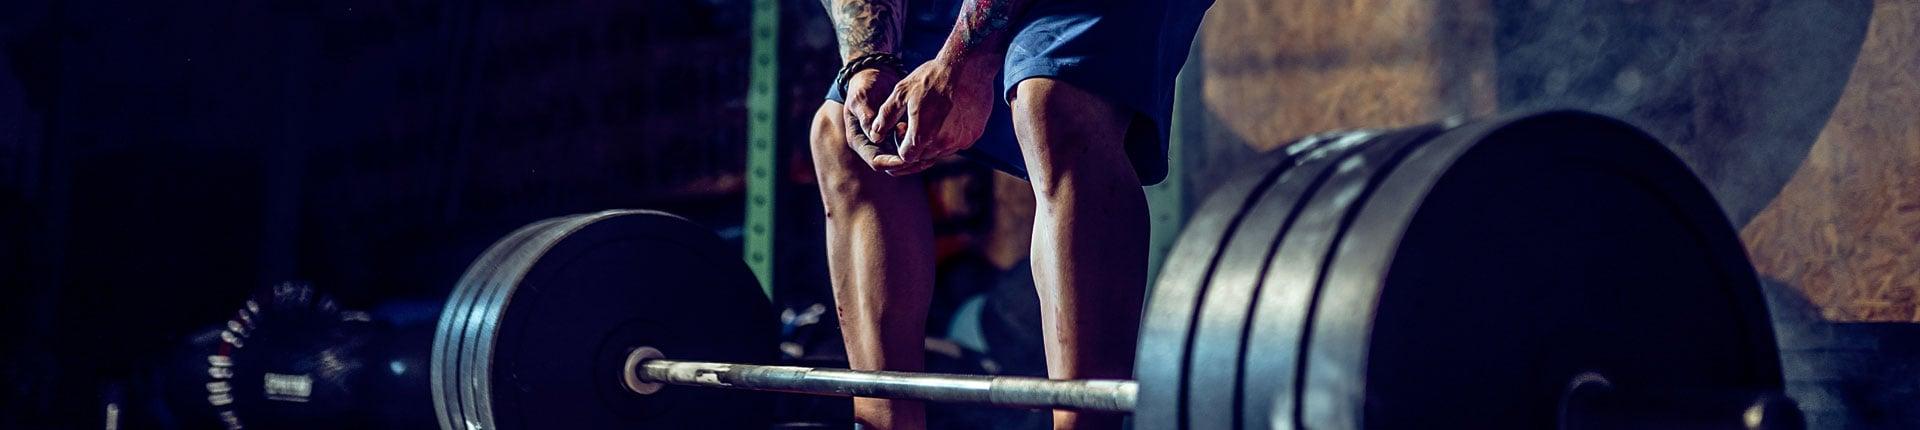 Jak zwiększyć siłę w martwym ciągu? Ile razy w tygodniu trenować martwy ciąg?